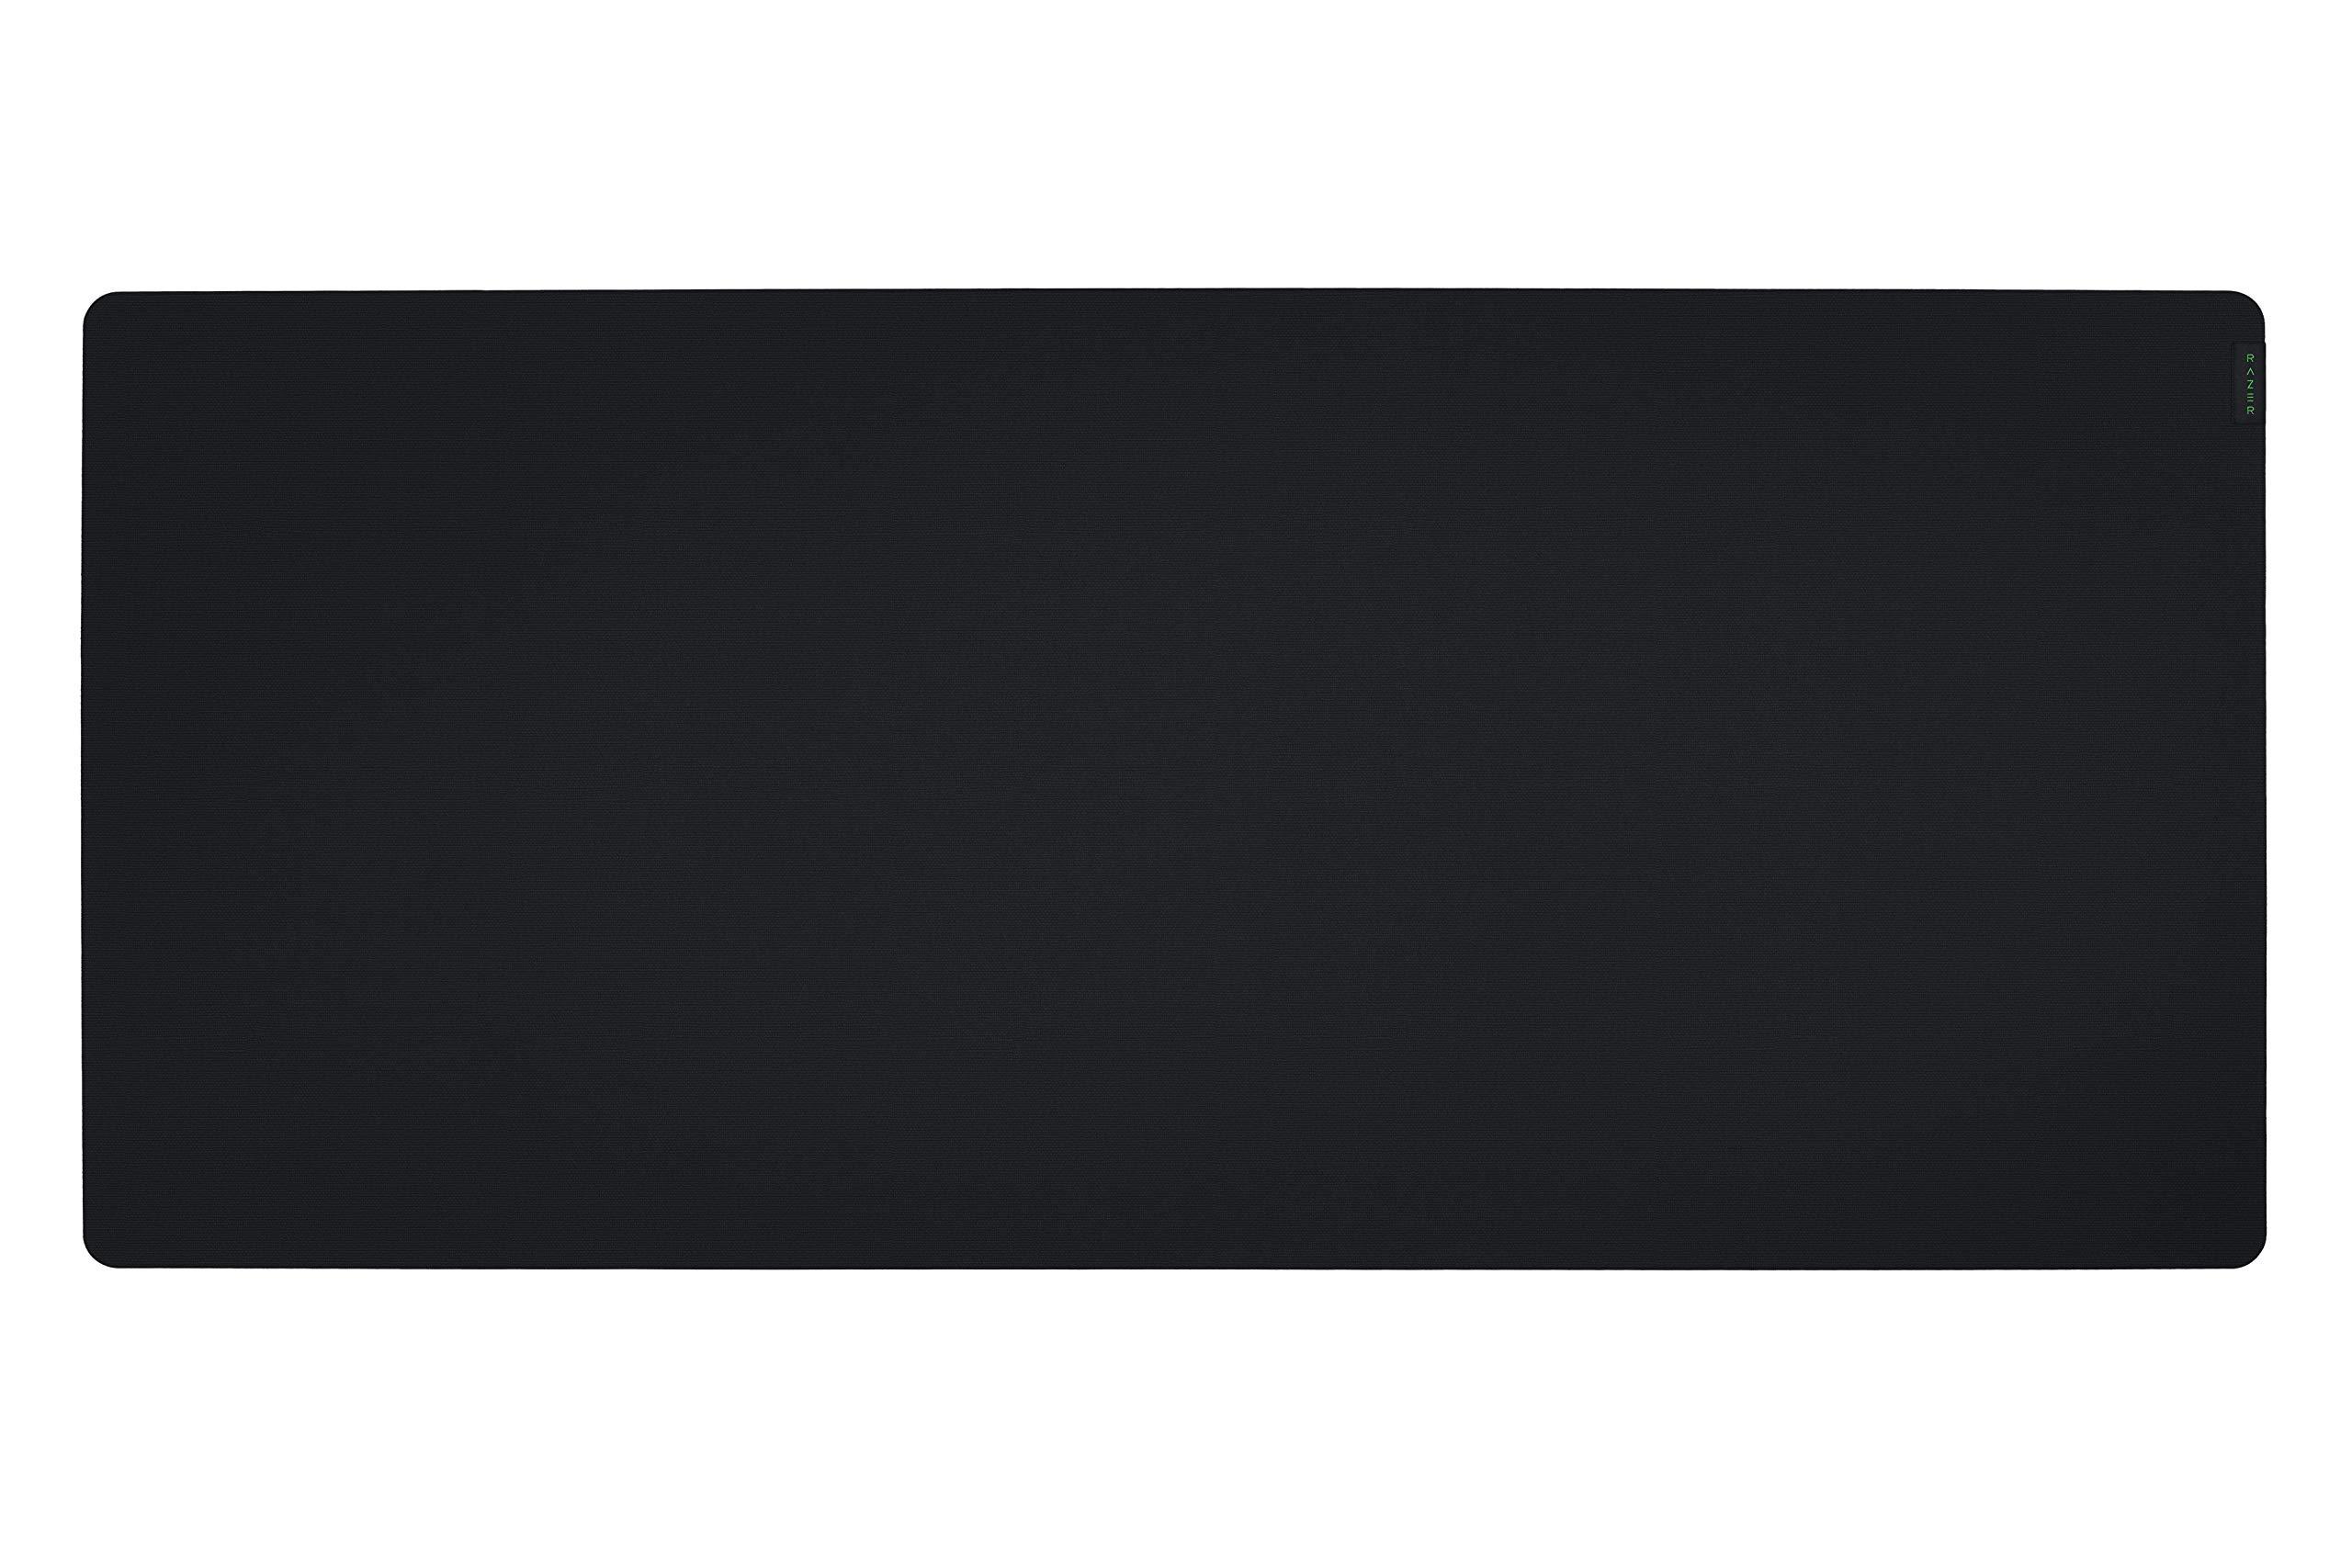 Alfombrilla de ratón para juegos Razer Gigantus v2 (3XL): Espuma gruesa de alta densidad - Base antideslizante - Negro clásico